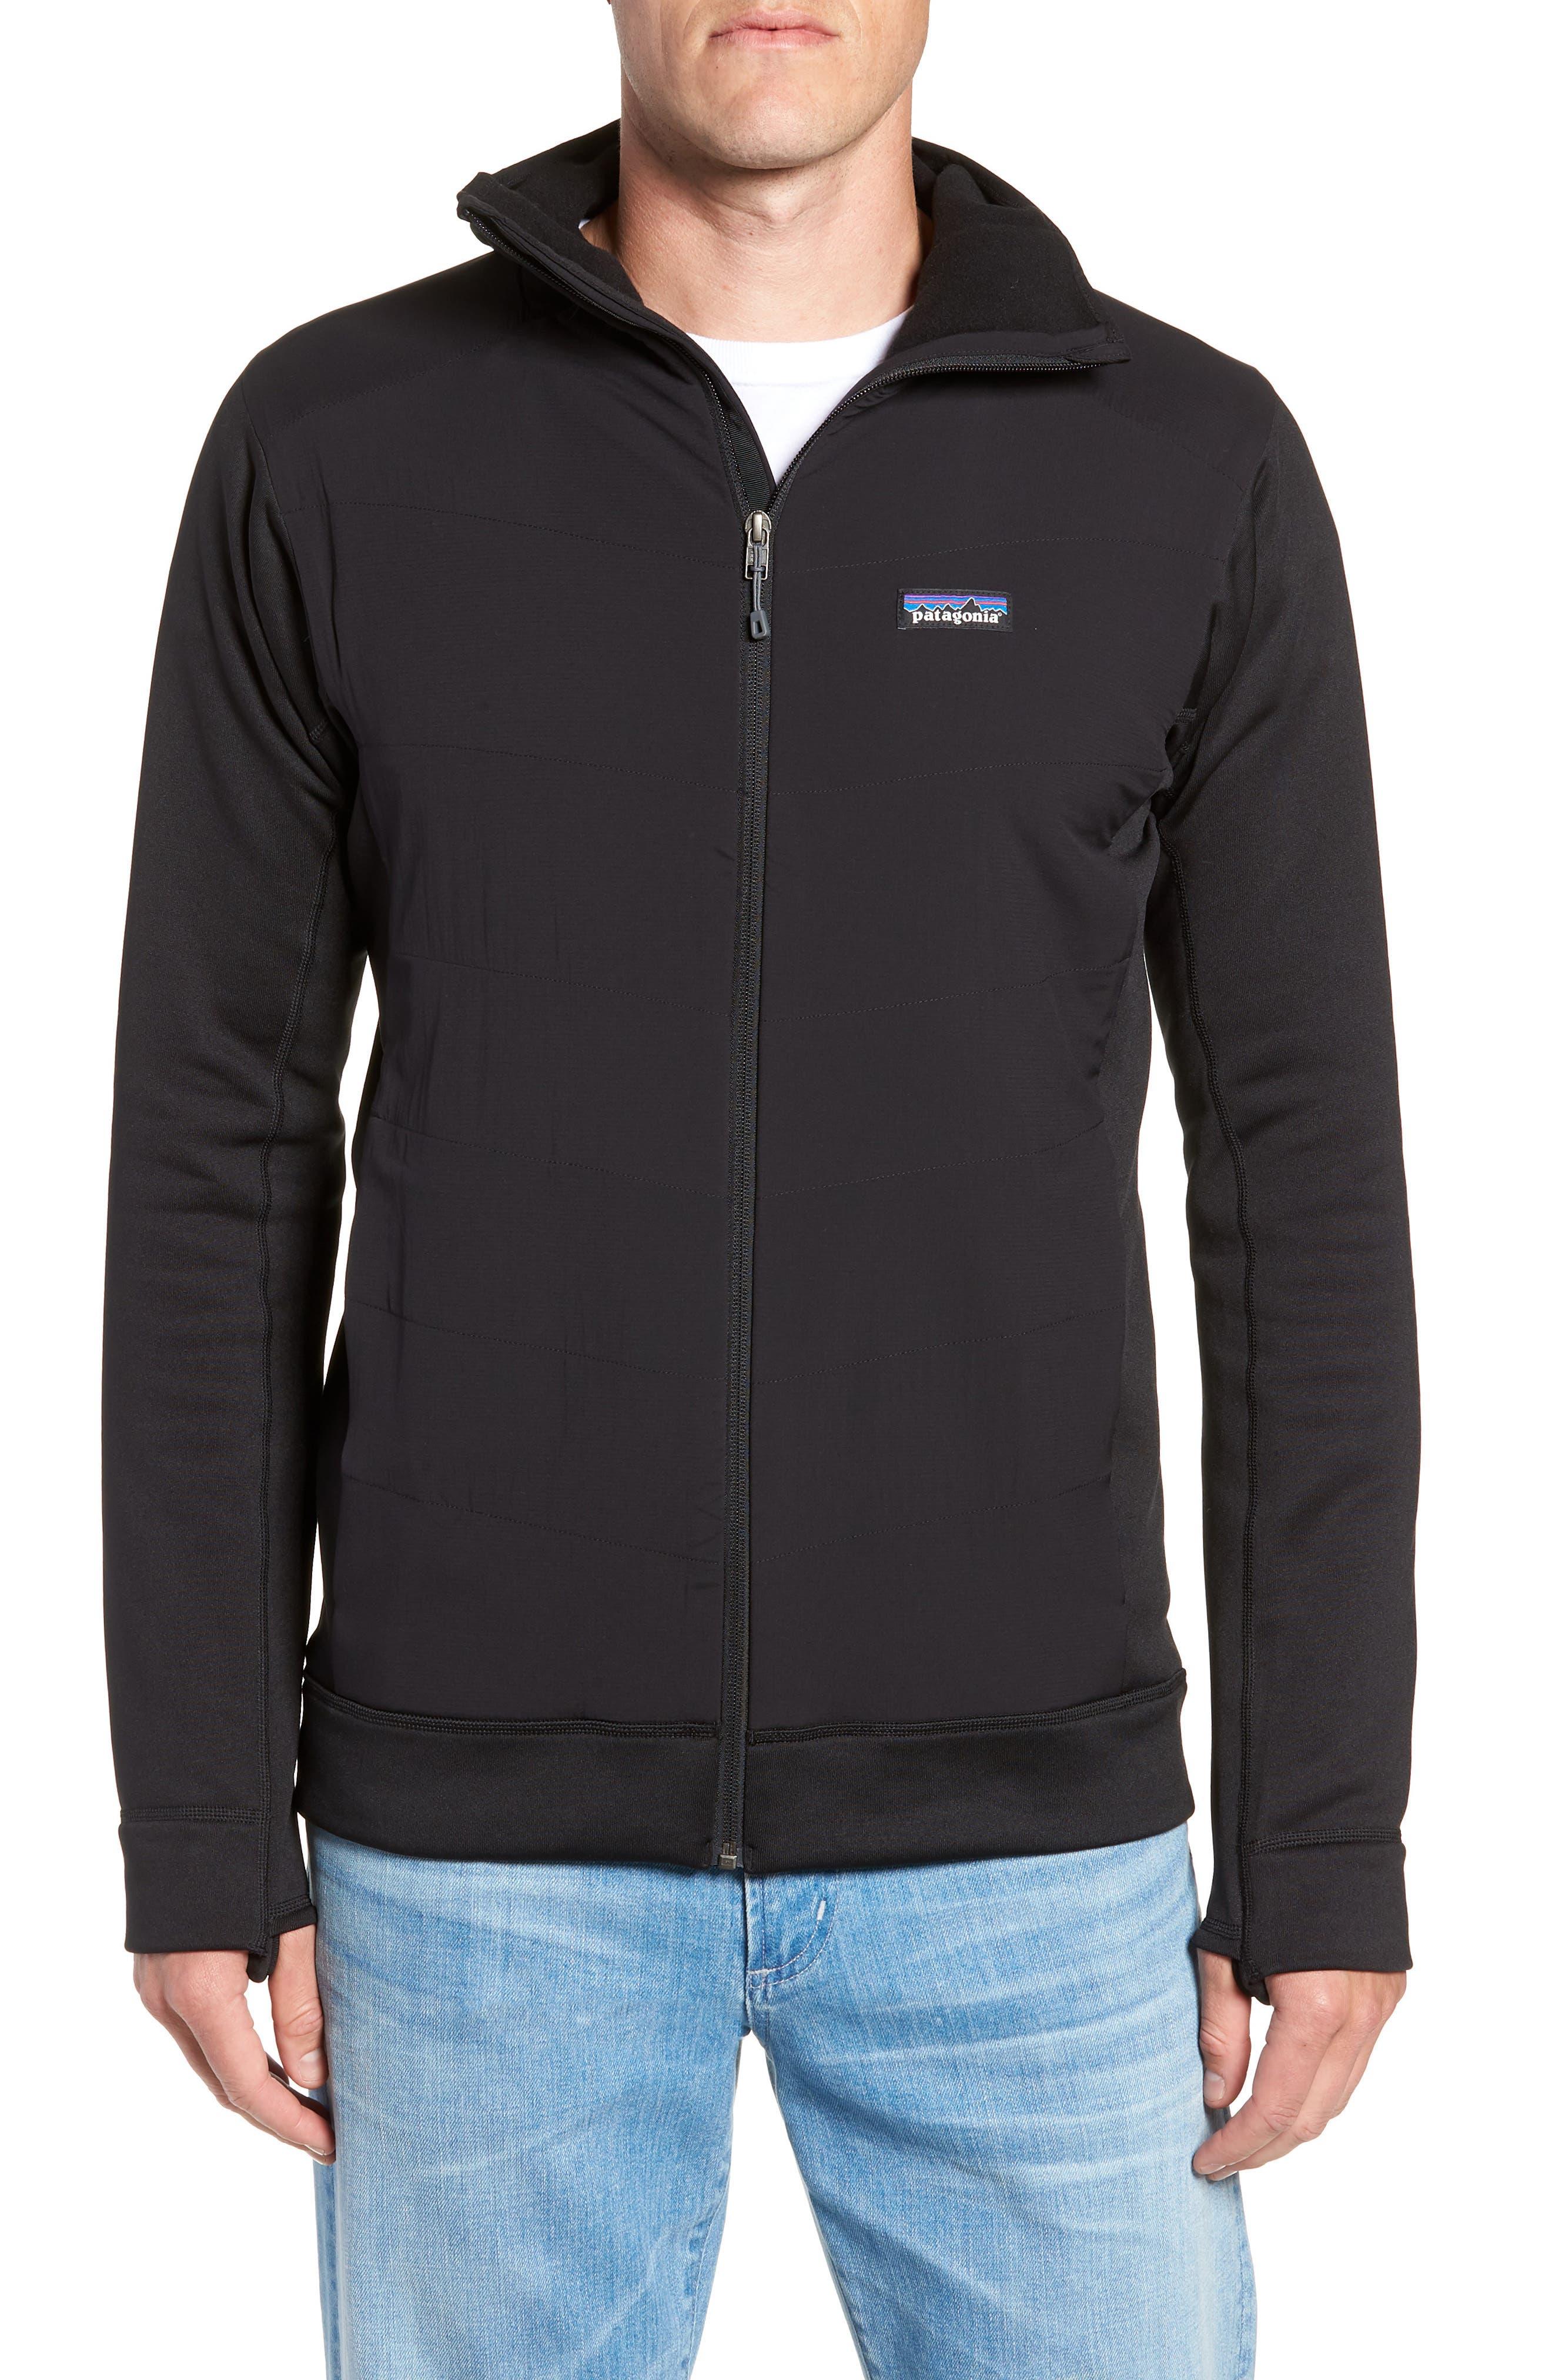 Crosstek Hybrid Hooded Jacket,                             Alternate thumbnail 4, color,                             BLACK